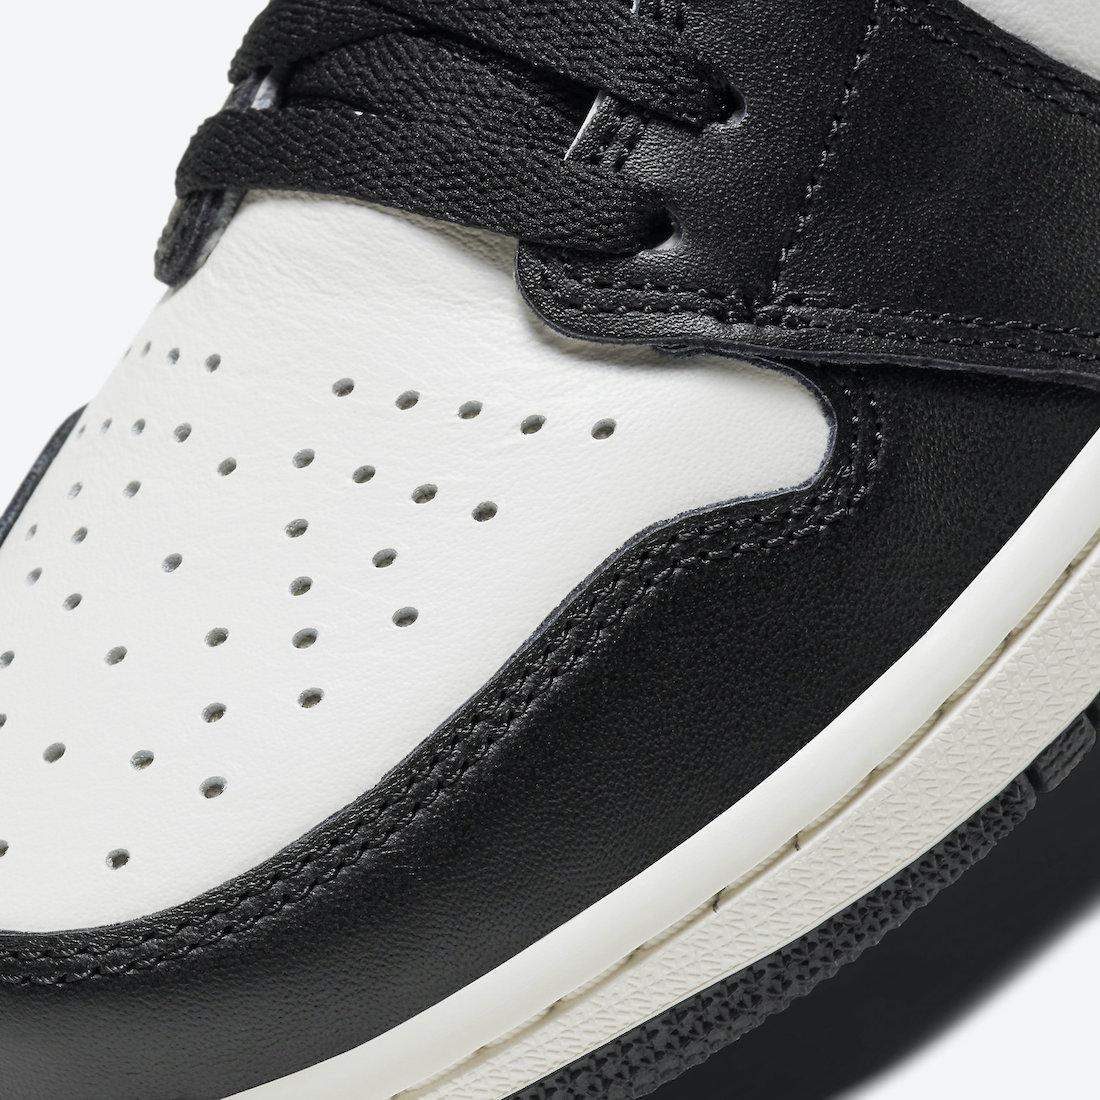 Air Jordan 1 'Dark Mocha' 555088-105 4